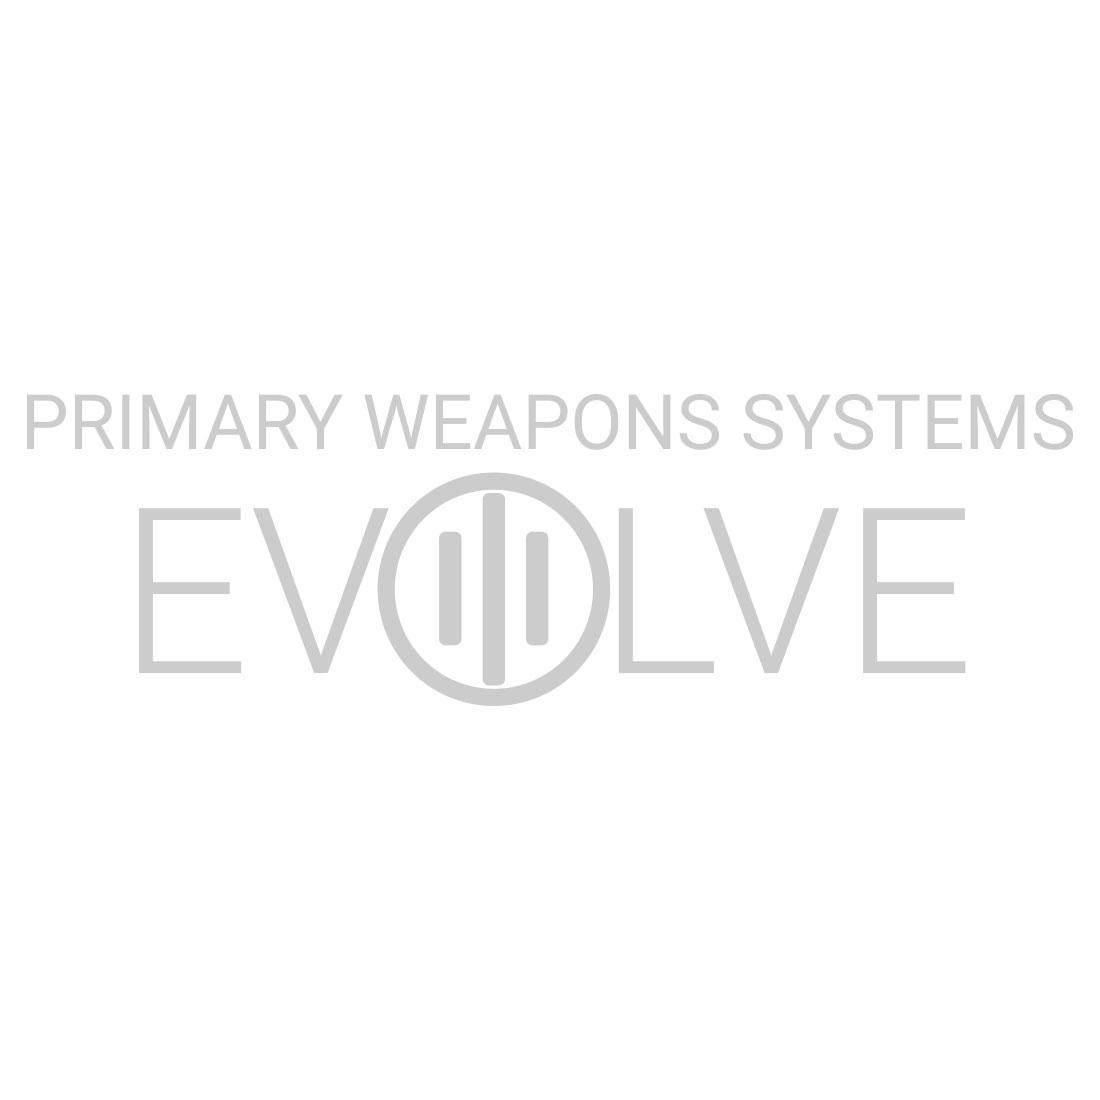 MK114 MOD 2-M Rifle .223 Wylde